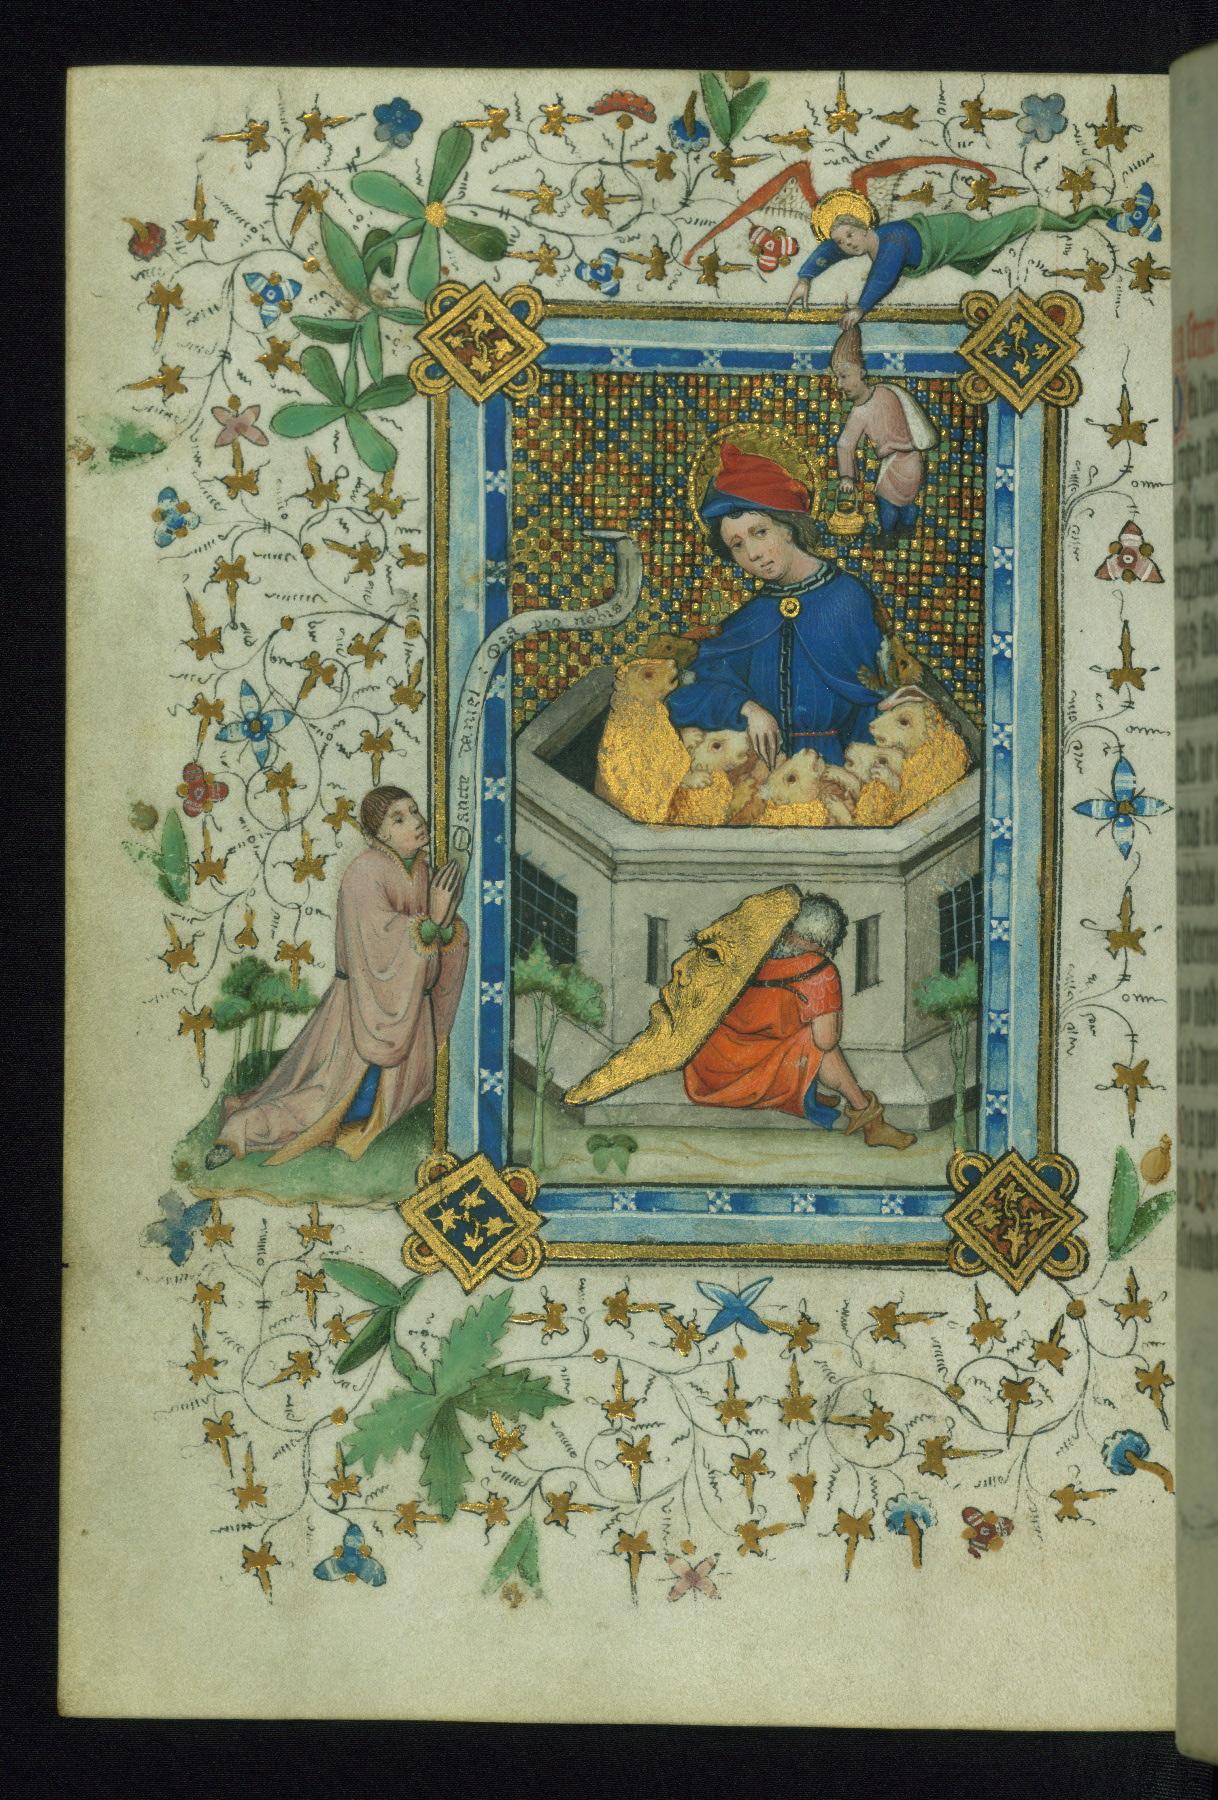 1420‒30 Book of Hours of Daniel RymWalters Ms. W.166 fol. 168v